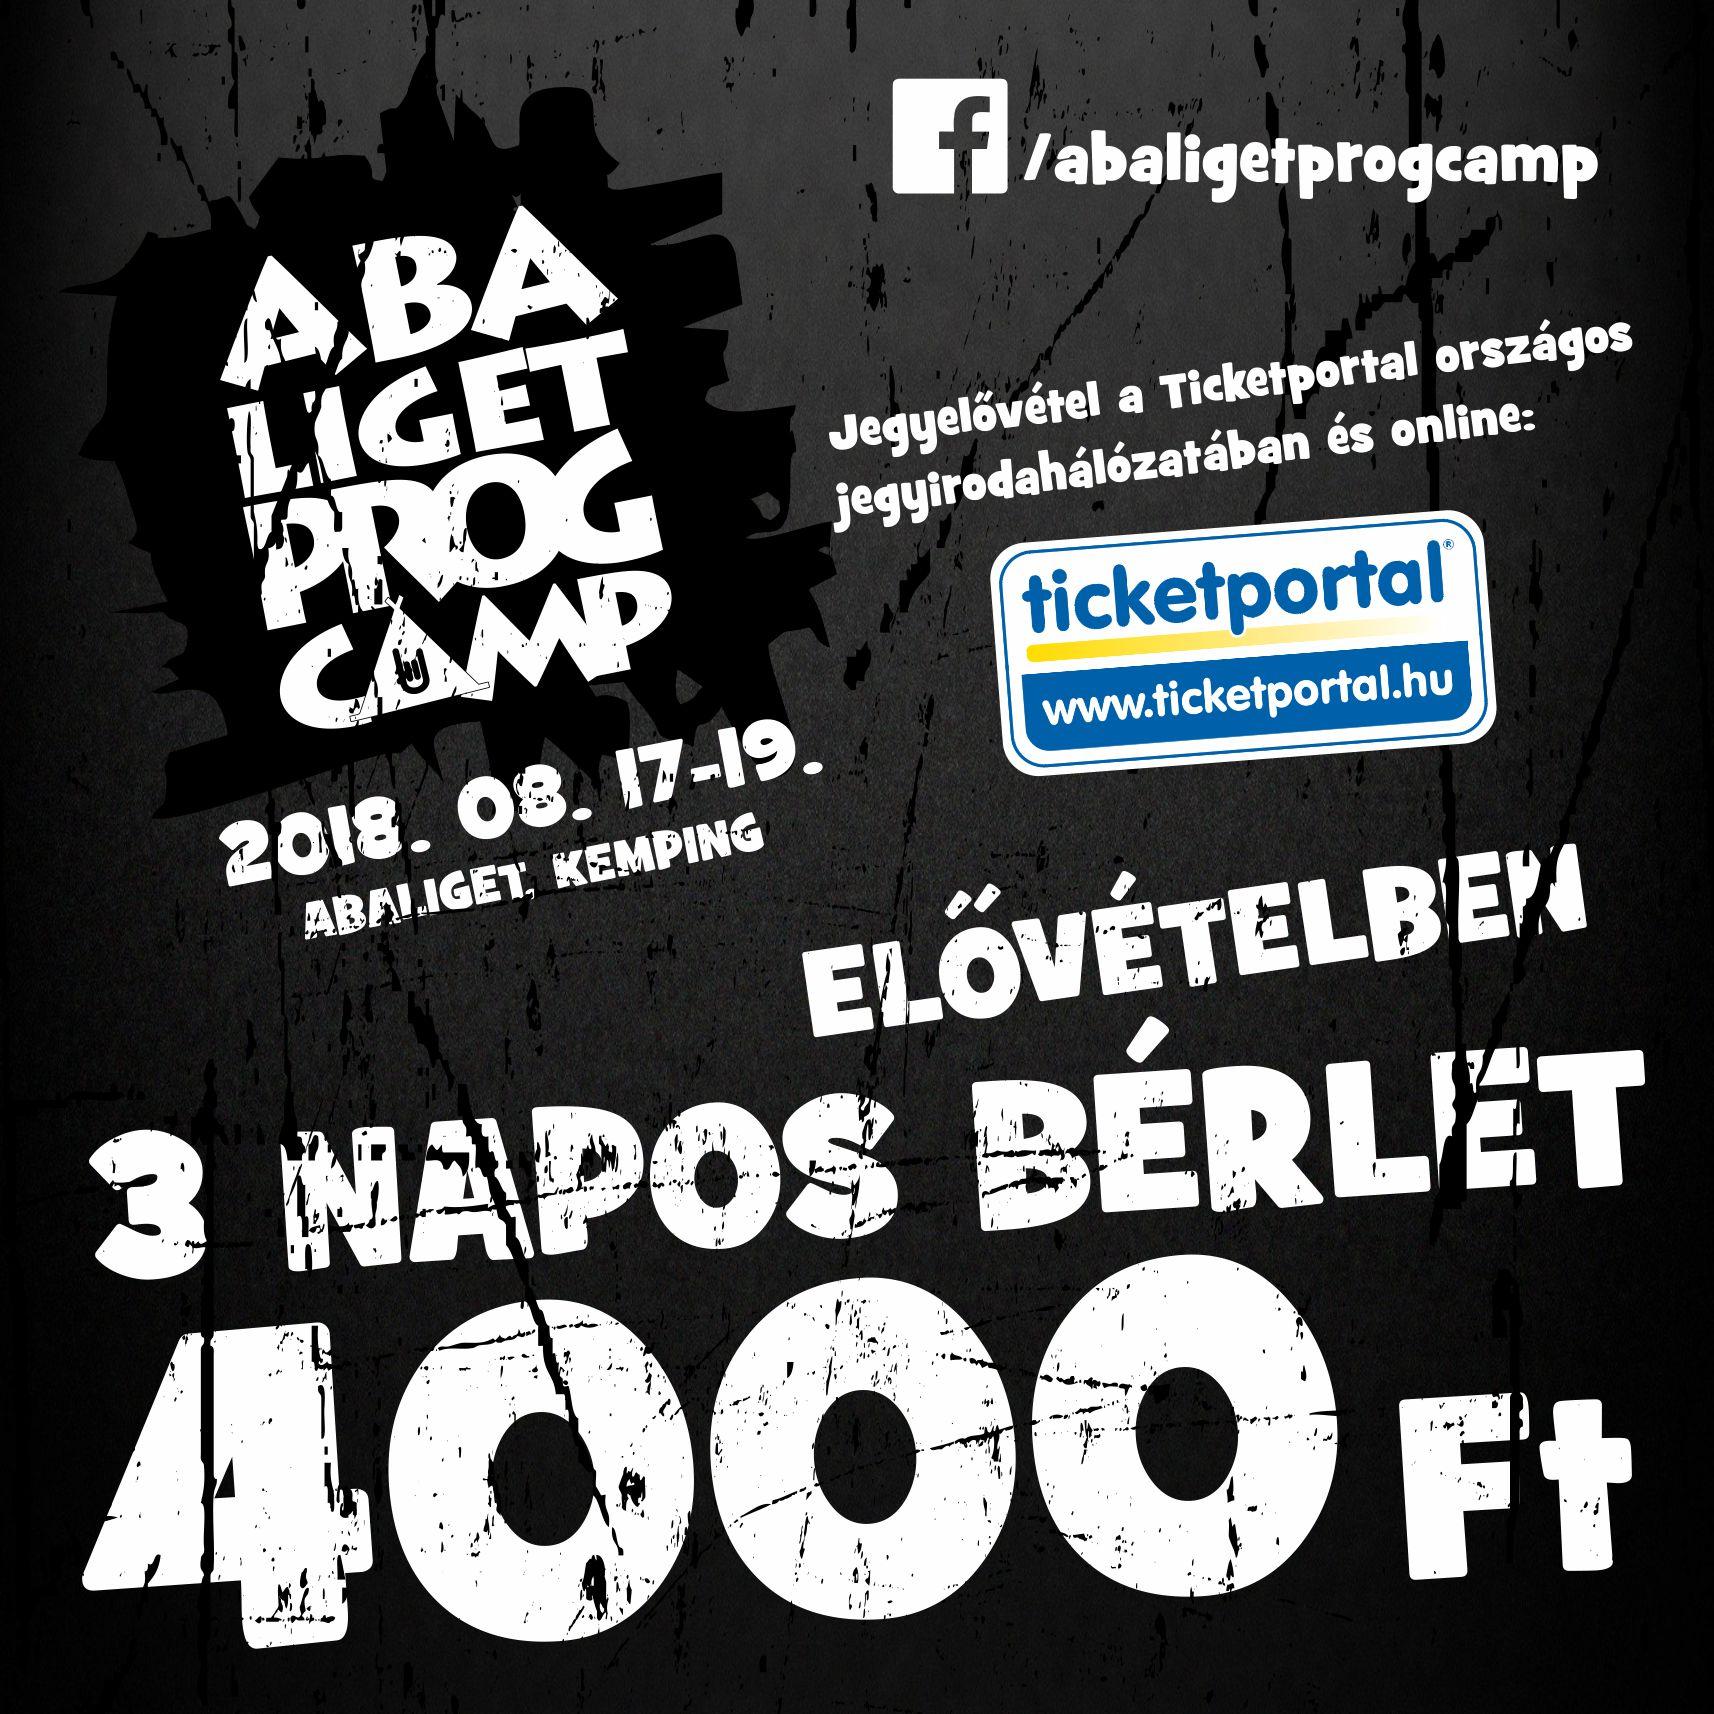 4000_elovetel_ticketportal_01.jpg